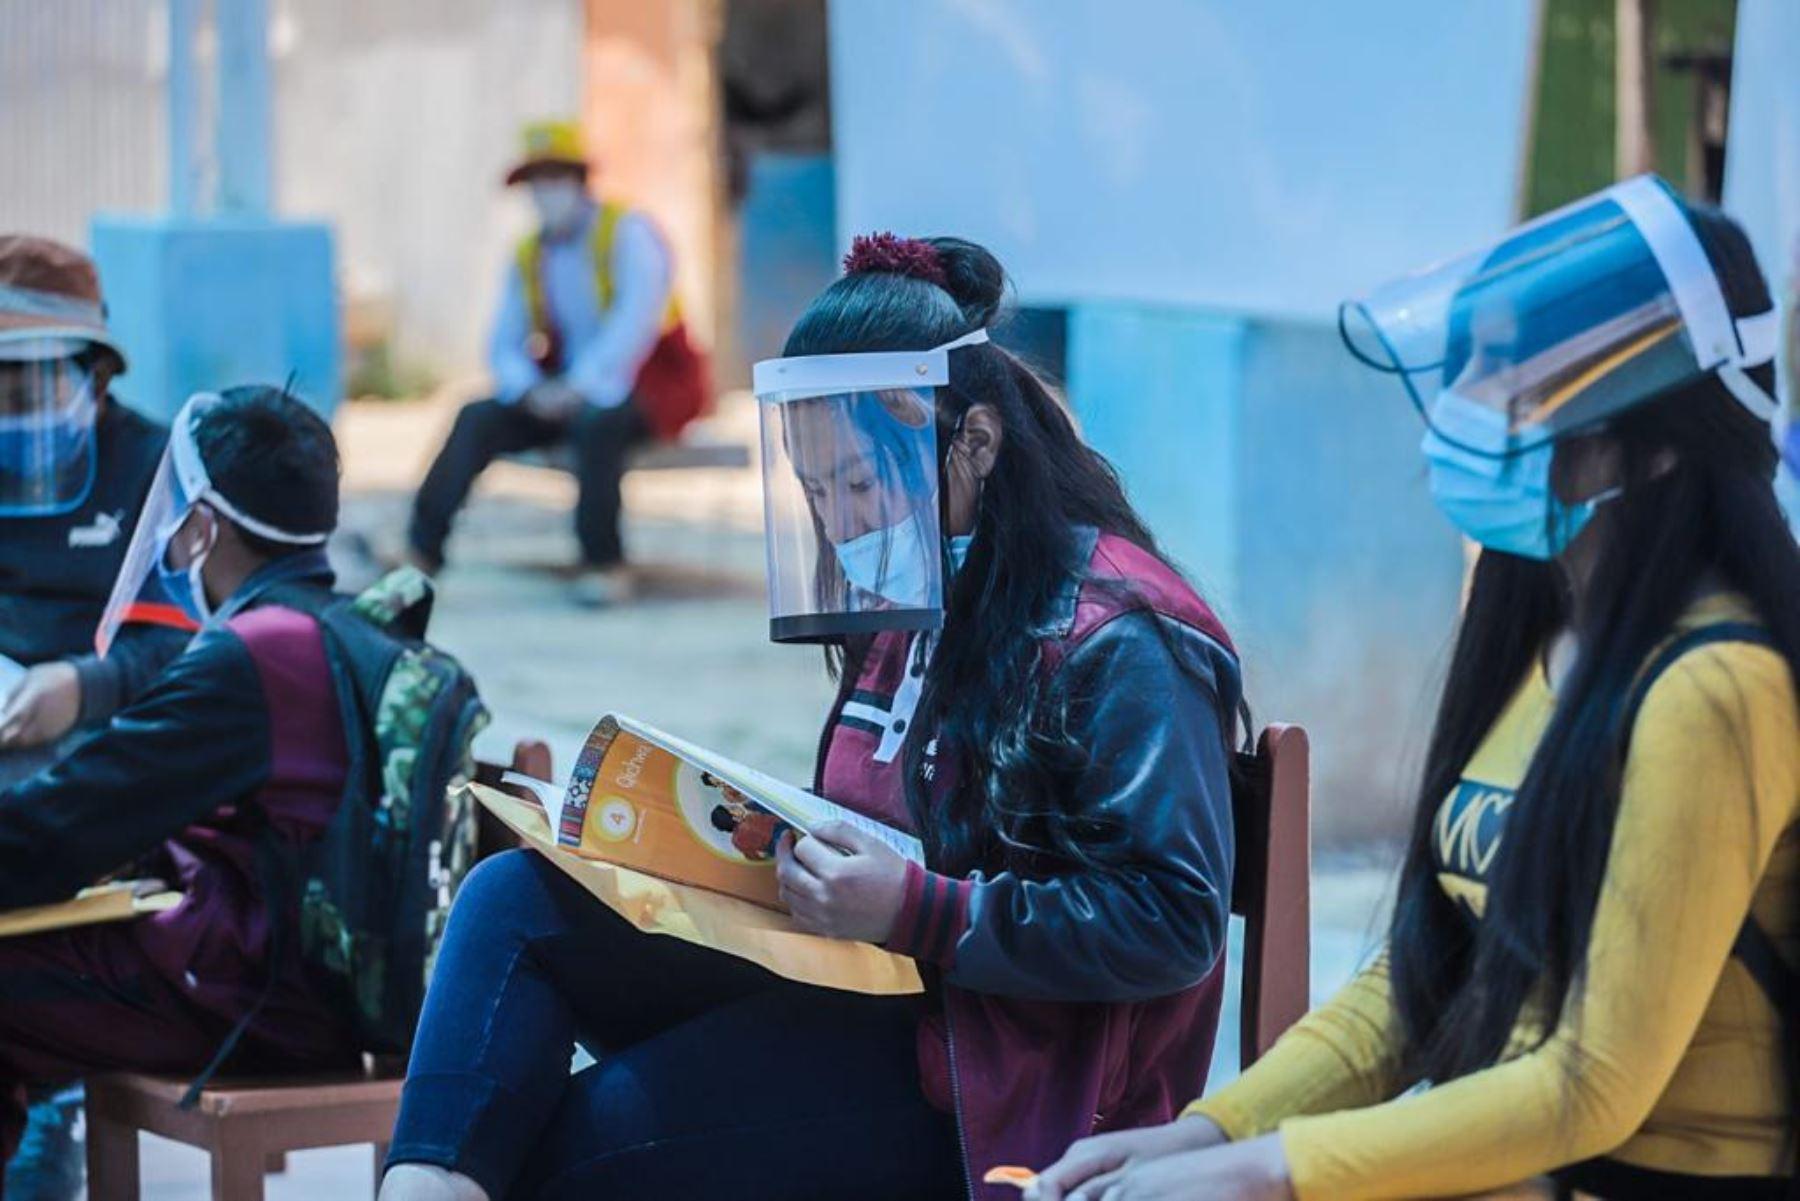 Un grupo de escolares de la institución educativa San Cristóbal de Arequipa reanudaron clases presenciales siguiendo los protocolos de seguridad. Foto: ANDINA/Difusión